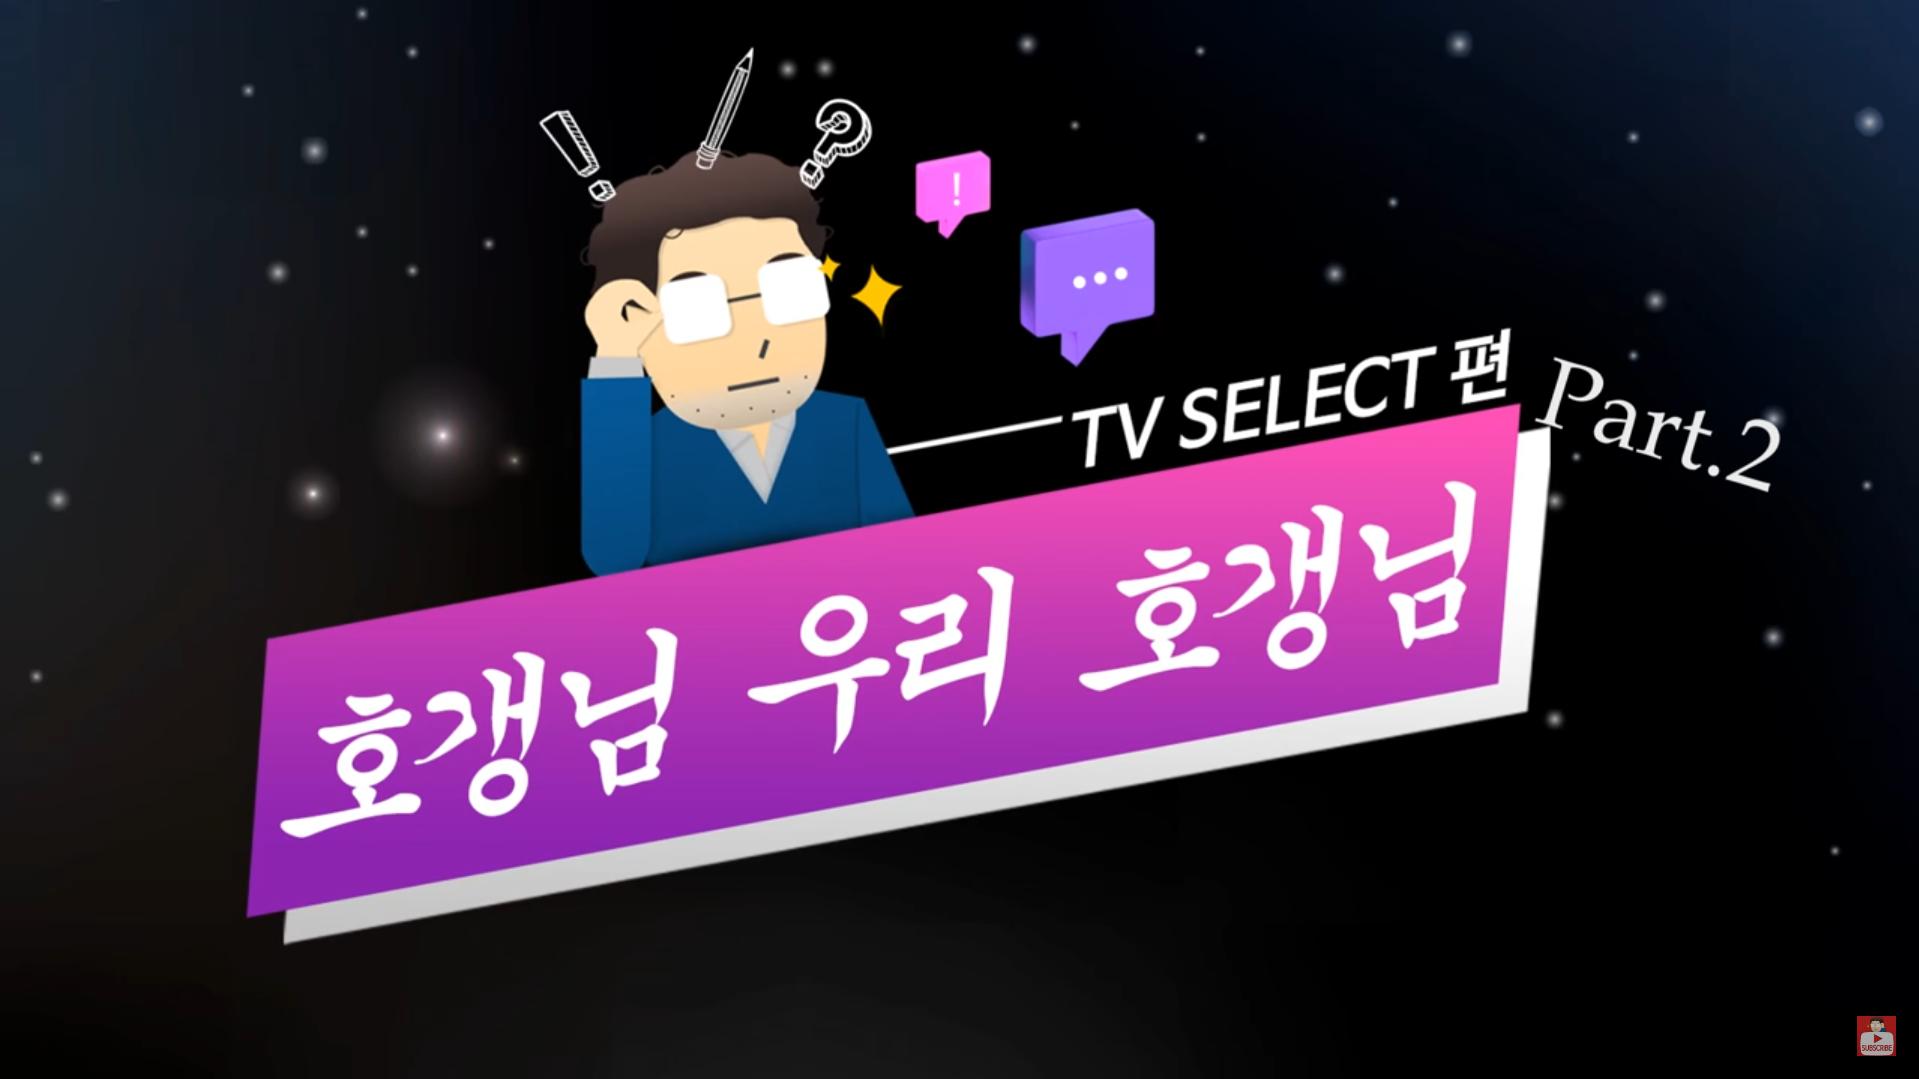 호갱님우리호갱님_TV Select 가이드 2편